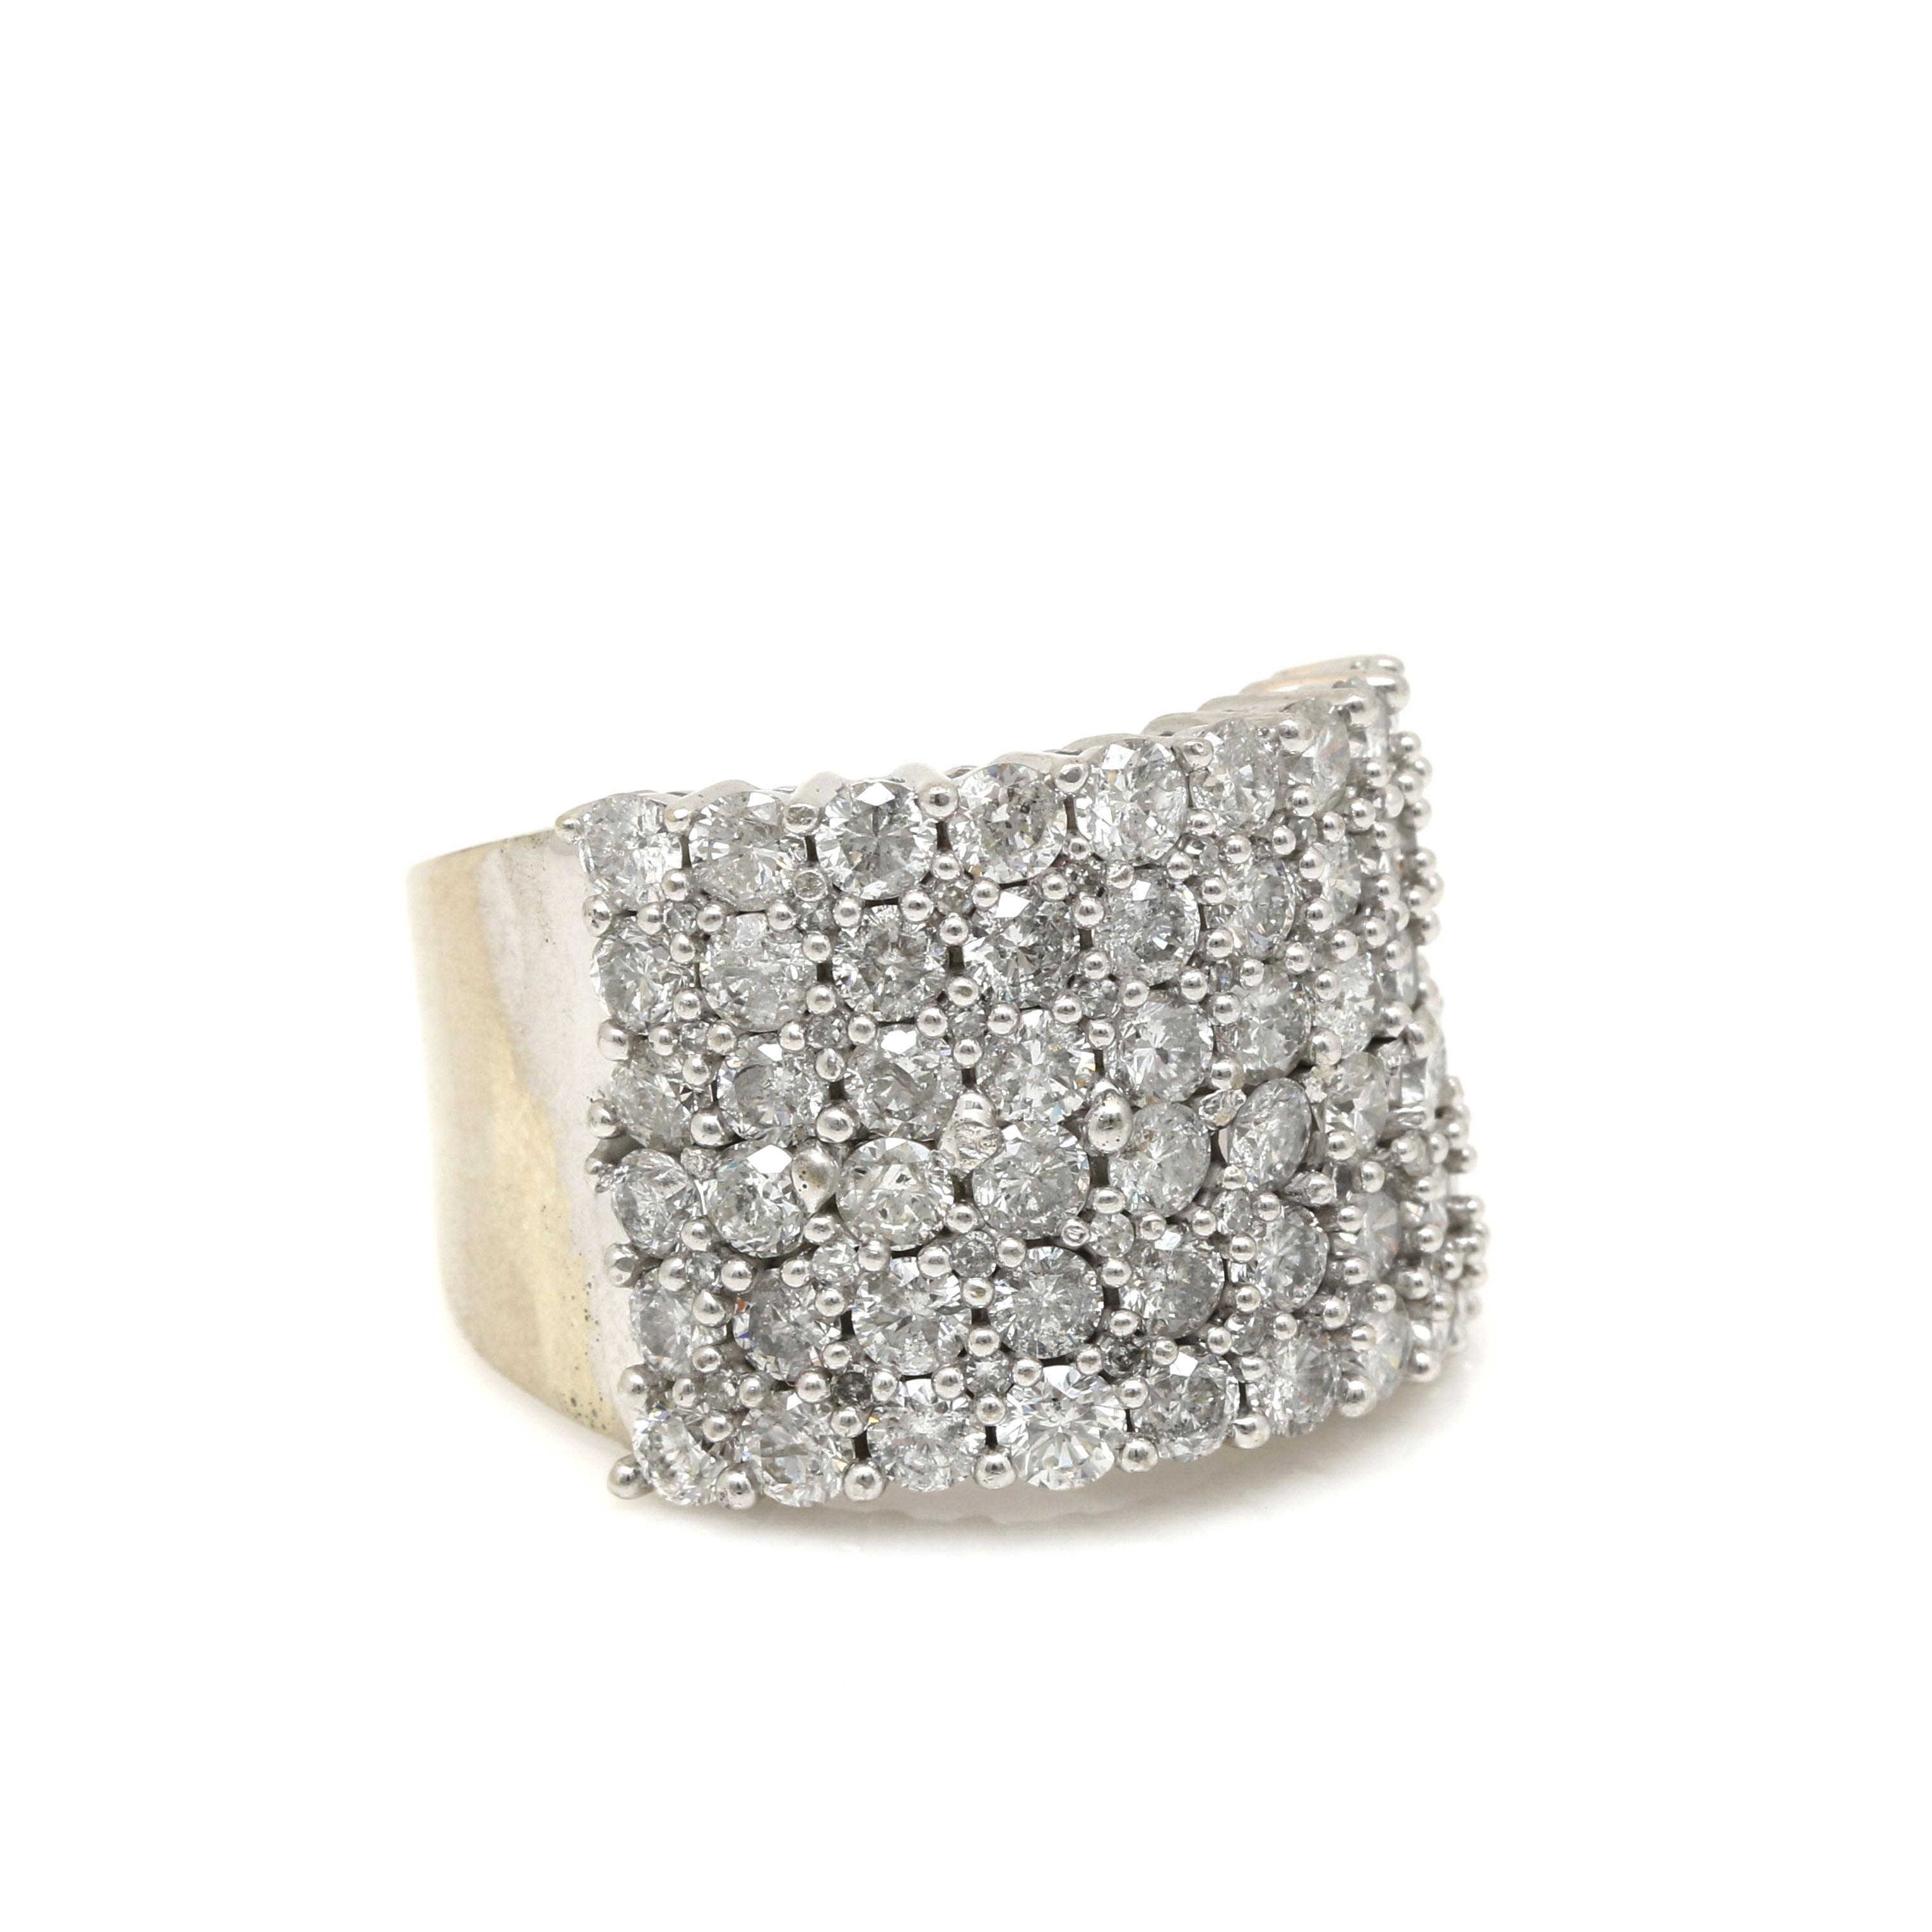 14K White Gold 4.75 CTW Diamond Cluster Ring